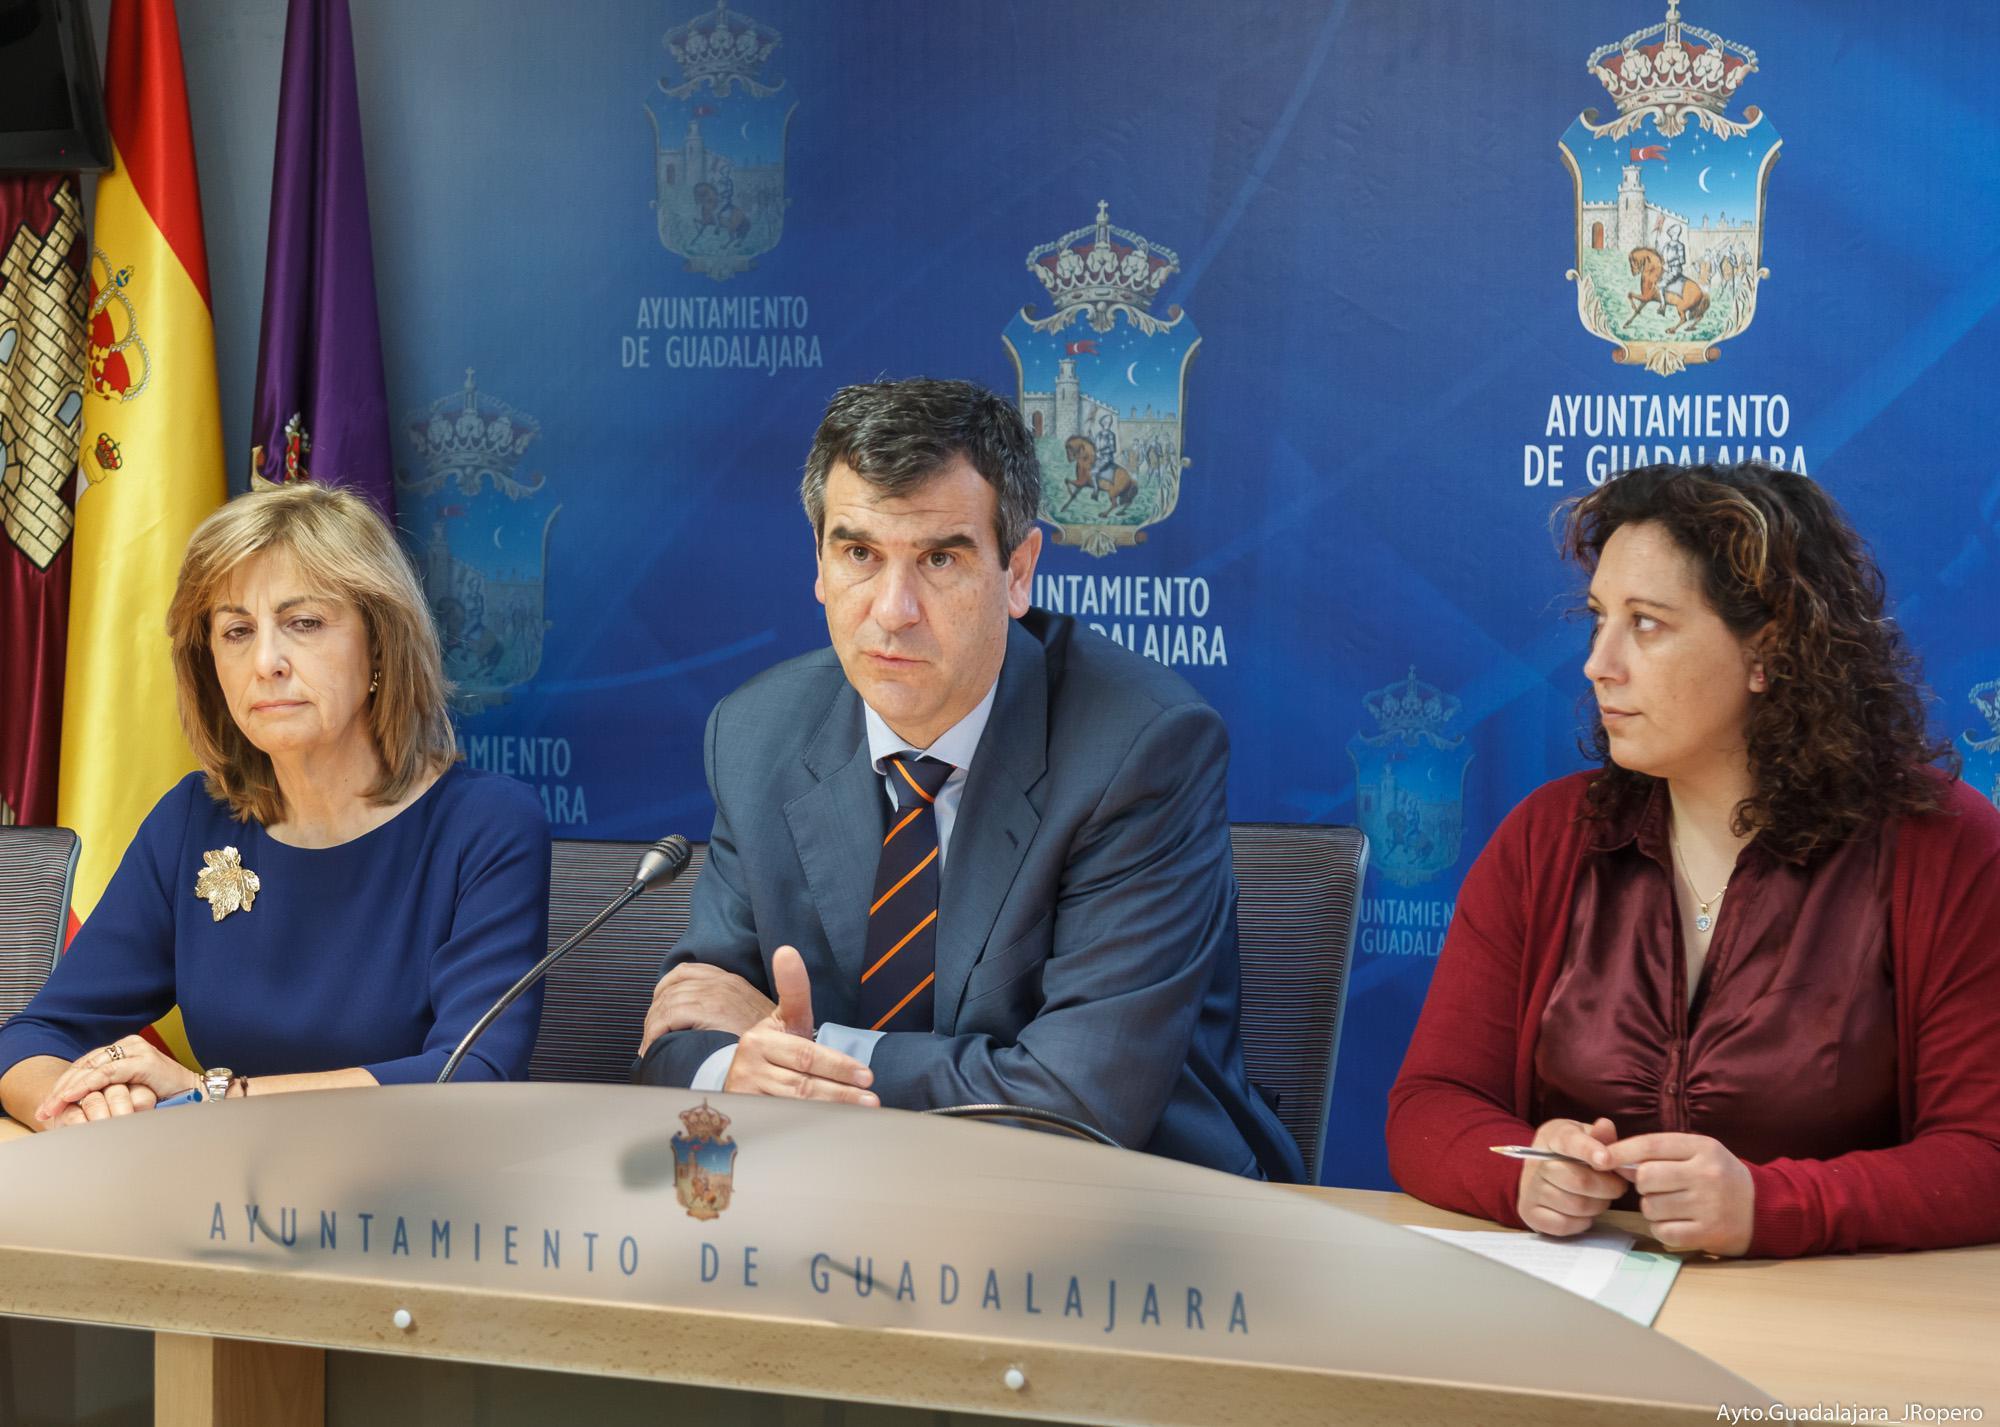 El Ayuntamiento ha gestionado 1.655.670 euros en ayudas para atender situaciones de emergencia